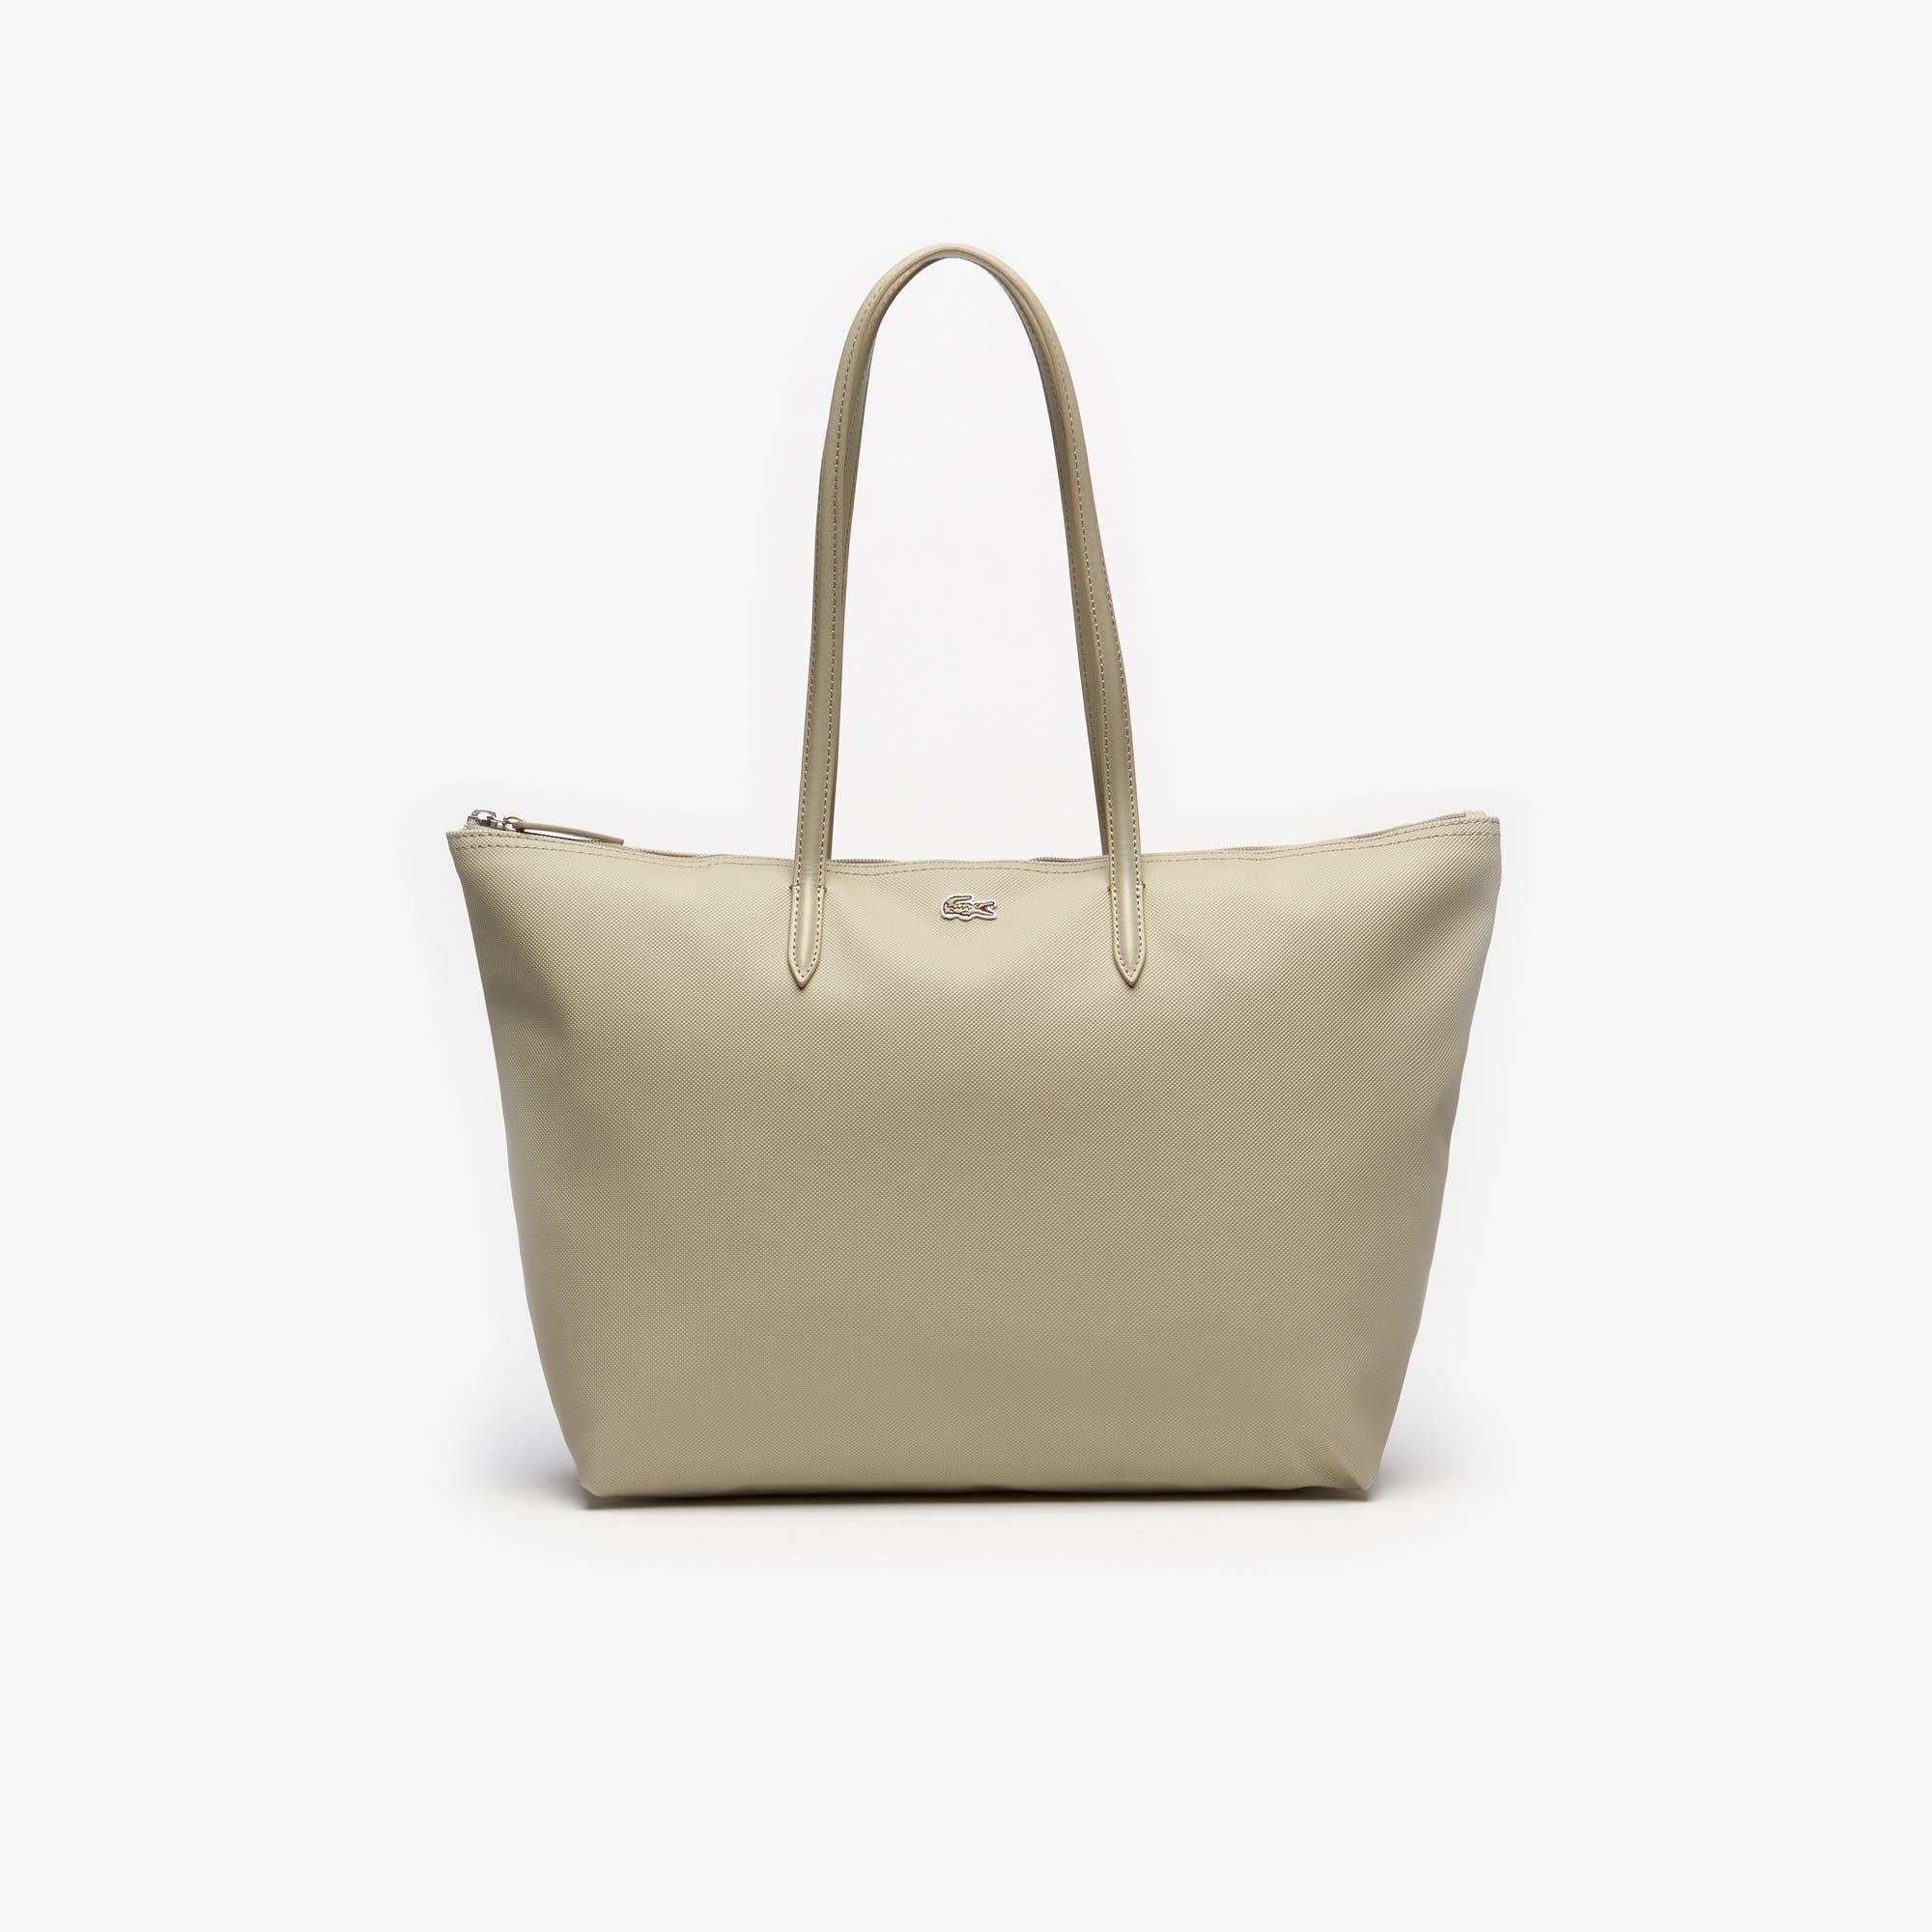 89a9932fa0 Personnalisez votre sac | LACOSTE